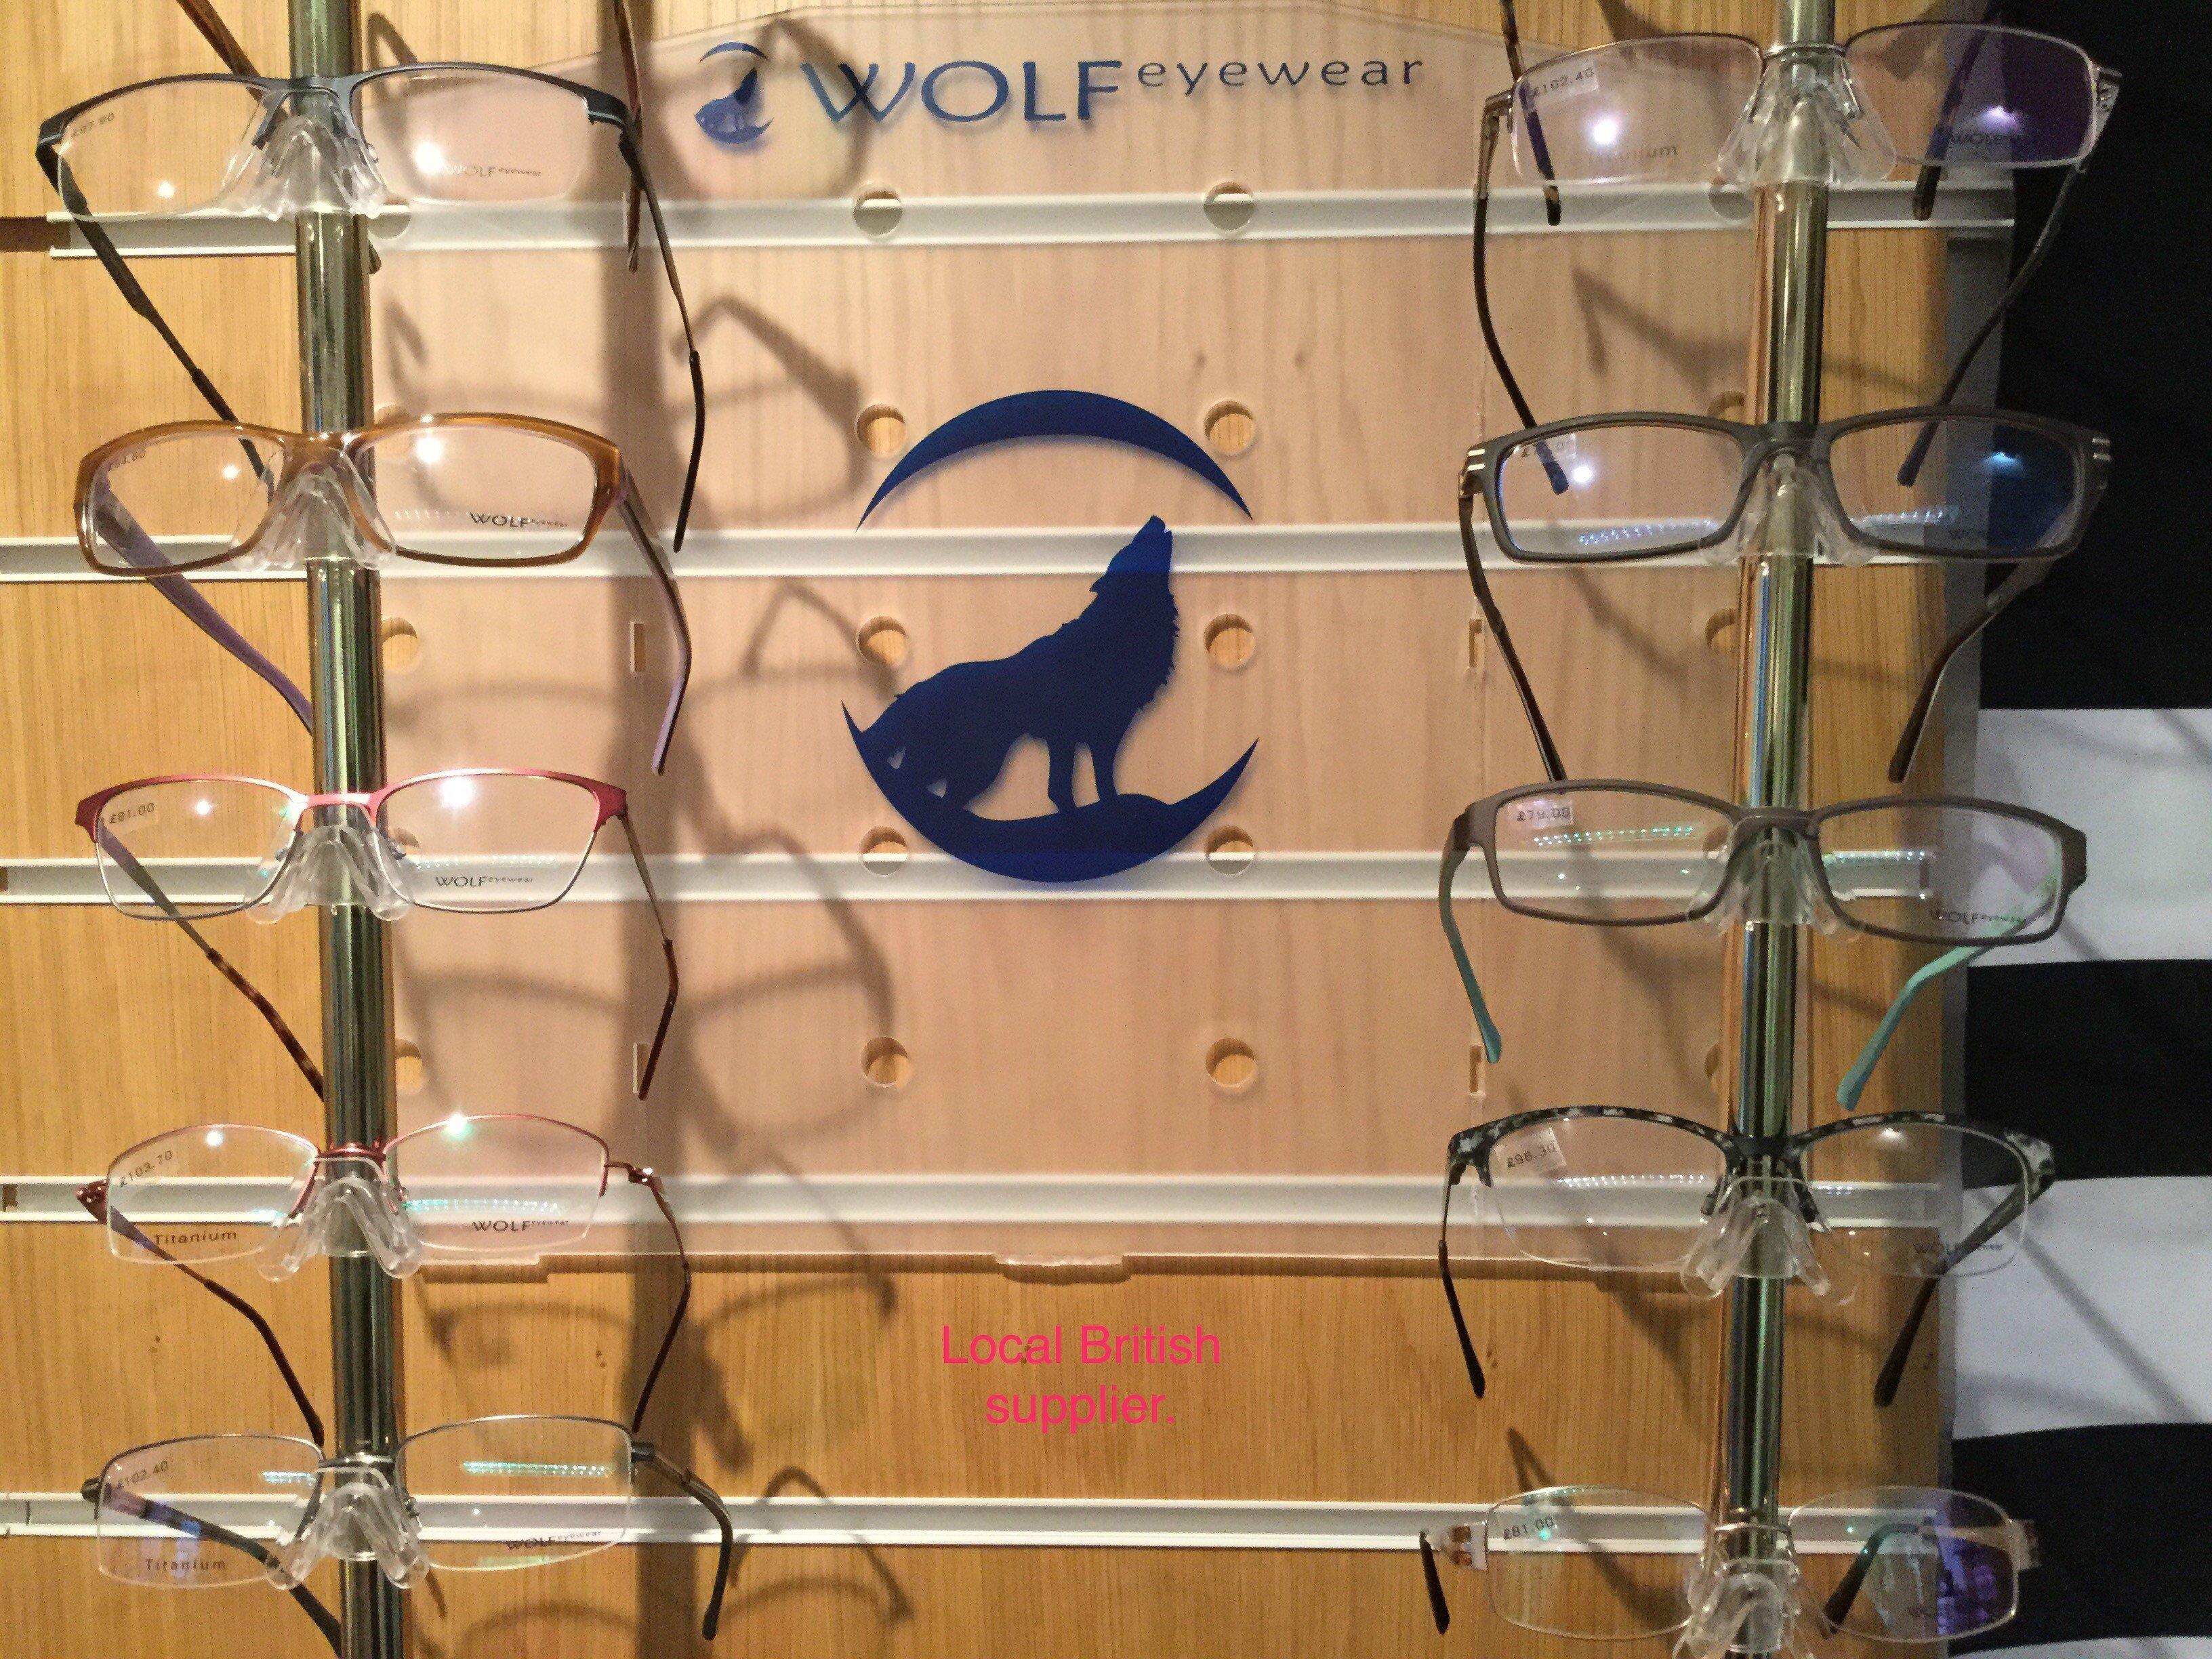 Wolf eyewear frames